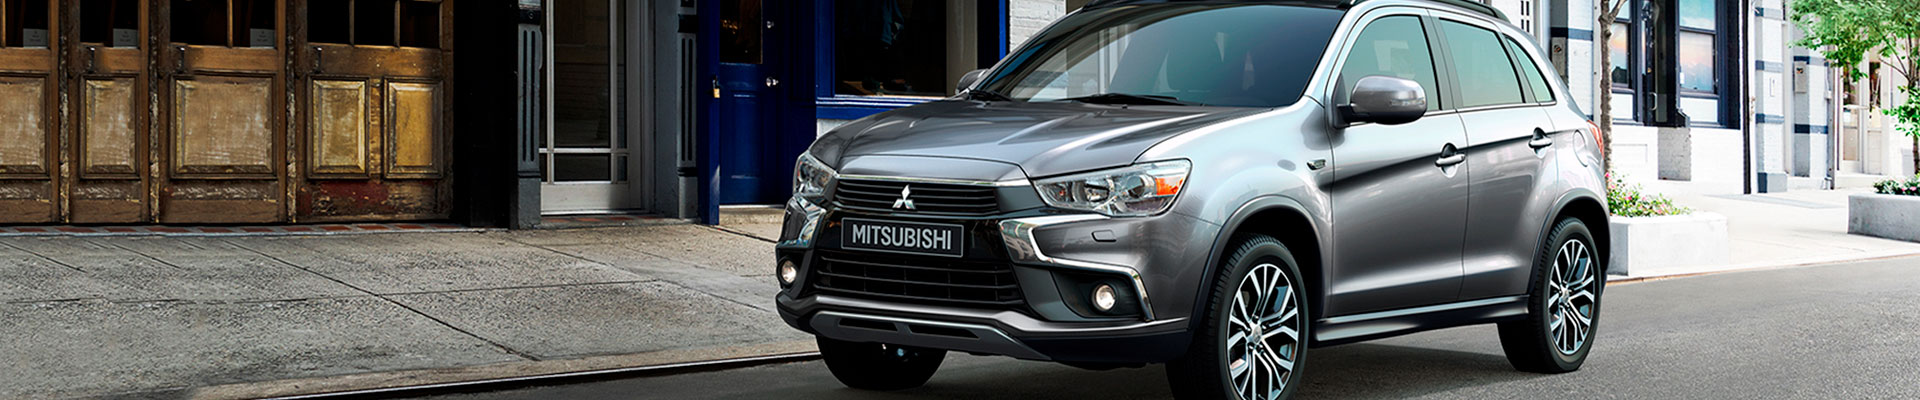 Icamotor, Concesionario Oficial Mitsubishi Motors en Canarias